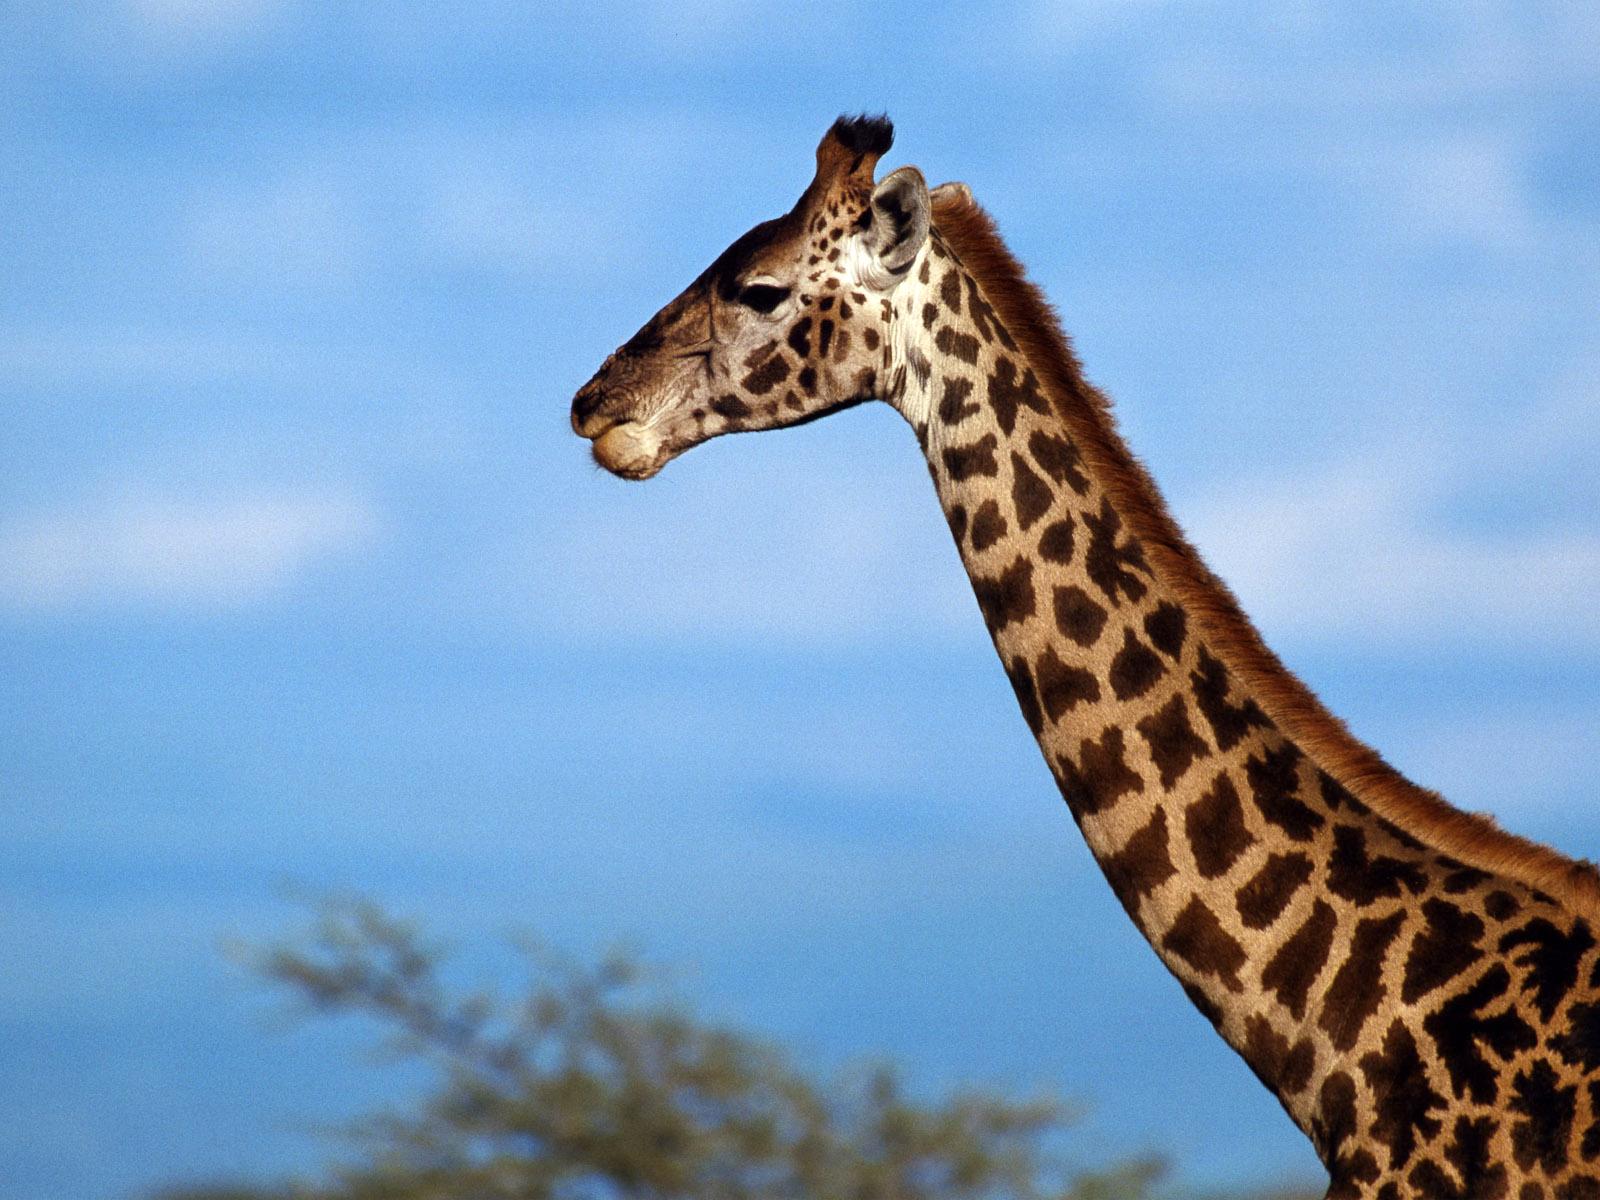 Best Wallpapers: Giraffe Wallpapers